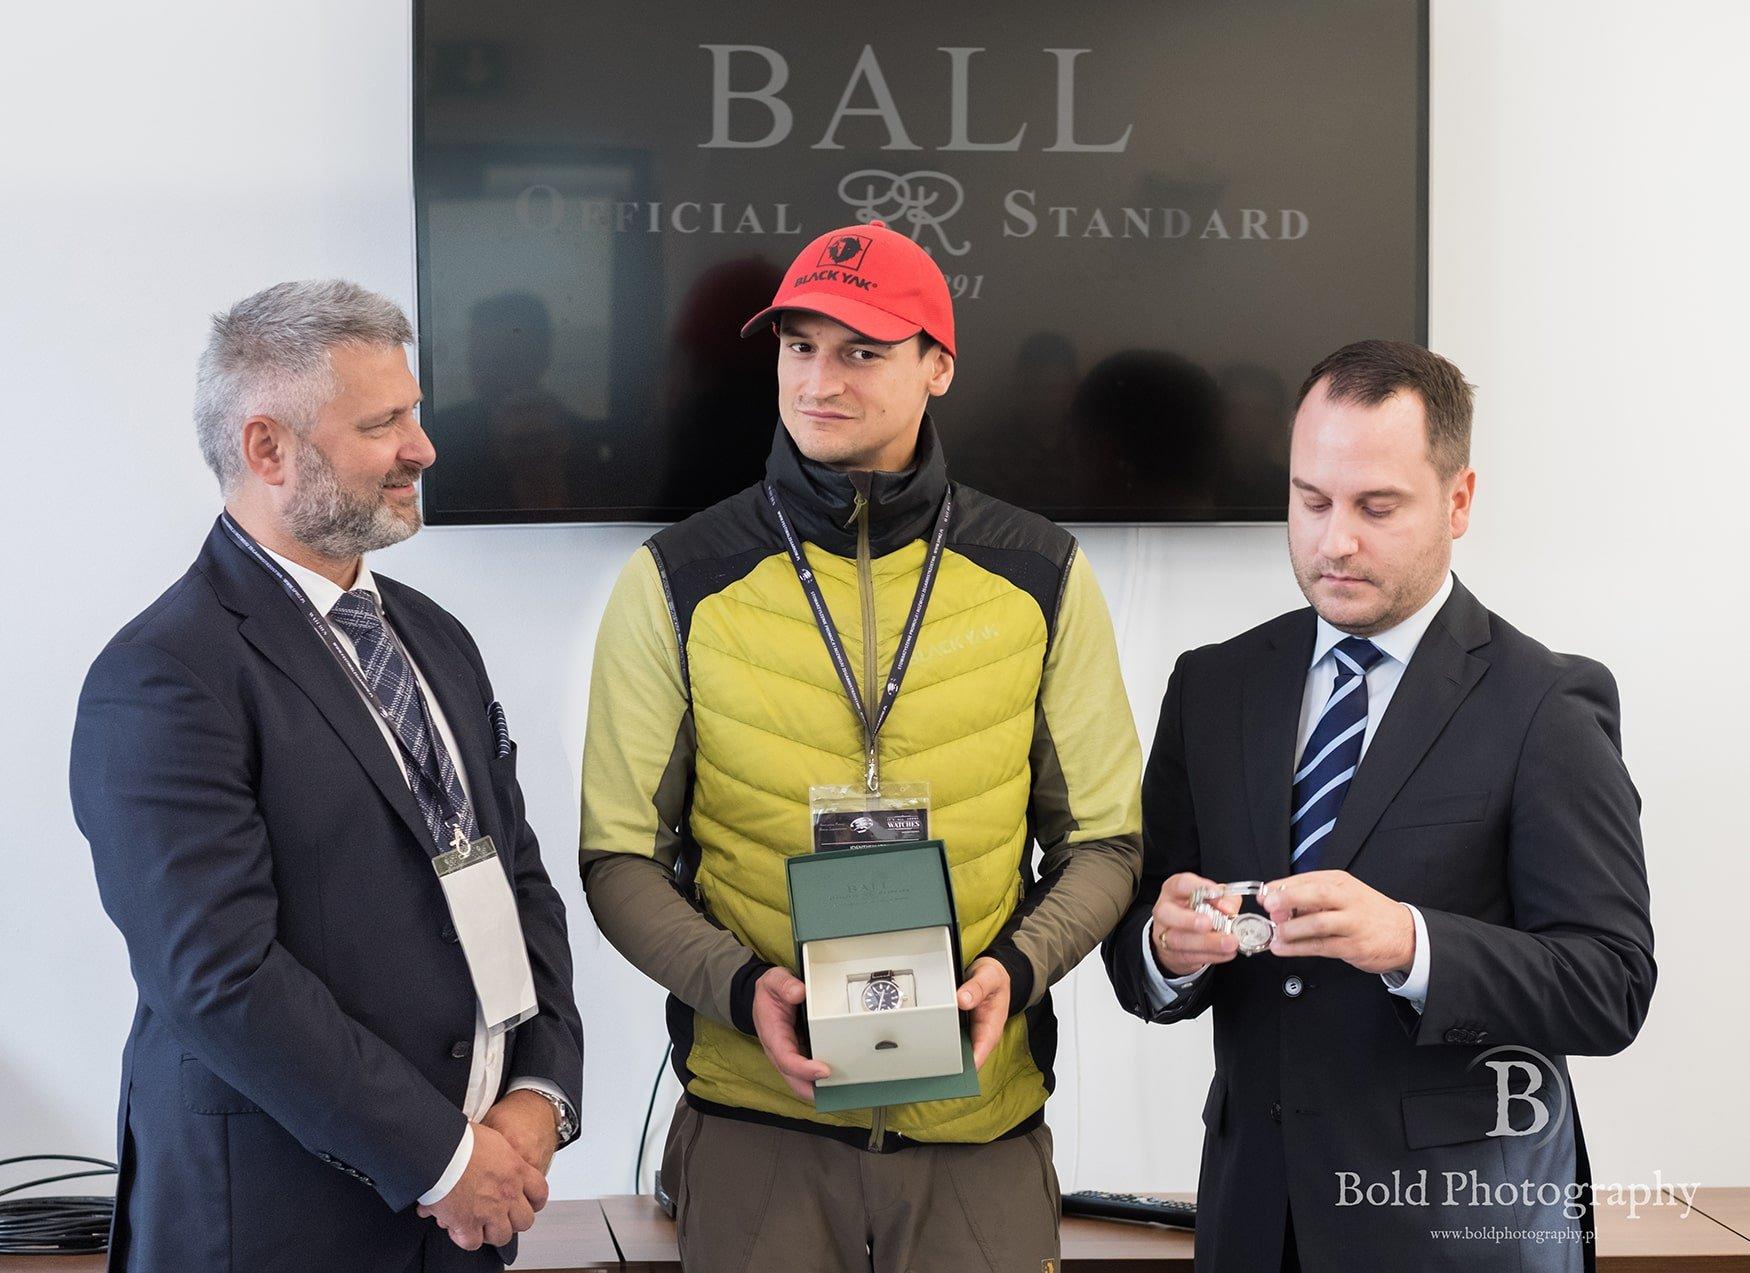 Nowy ambasador zegarków Ball Adam Bielecki.